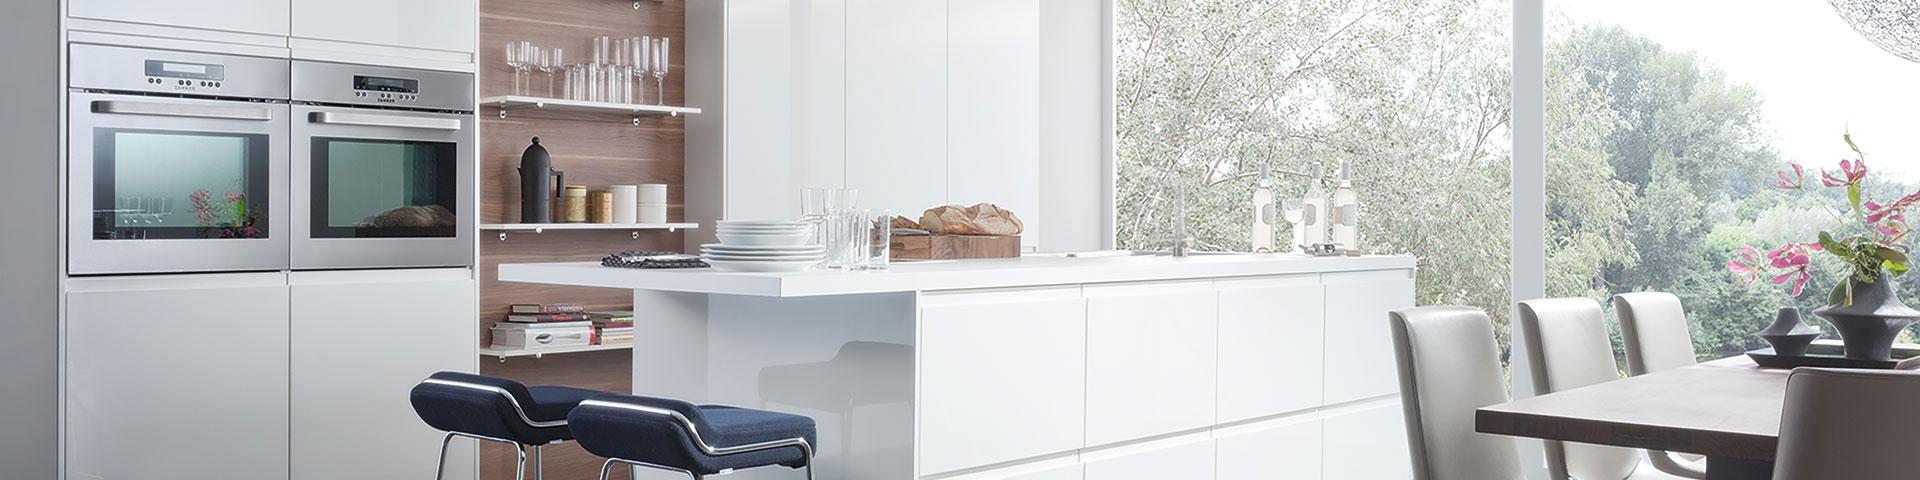 Beste Verbraucher Küche Und Bad Standorte Galerie - Ideen Für Die ...